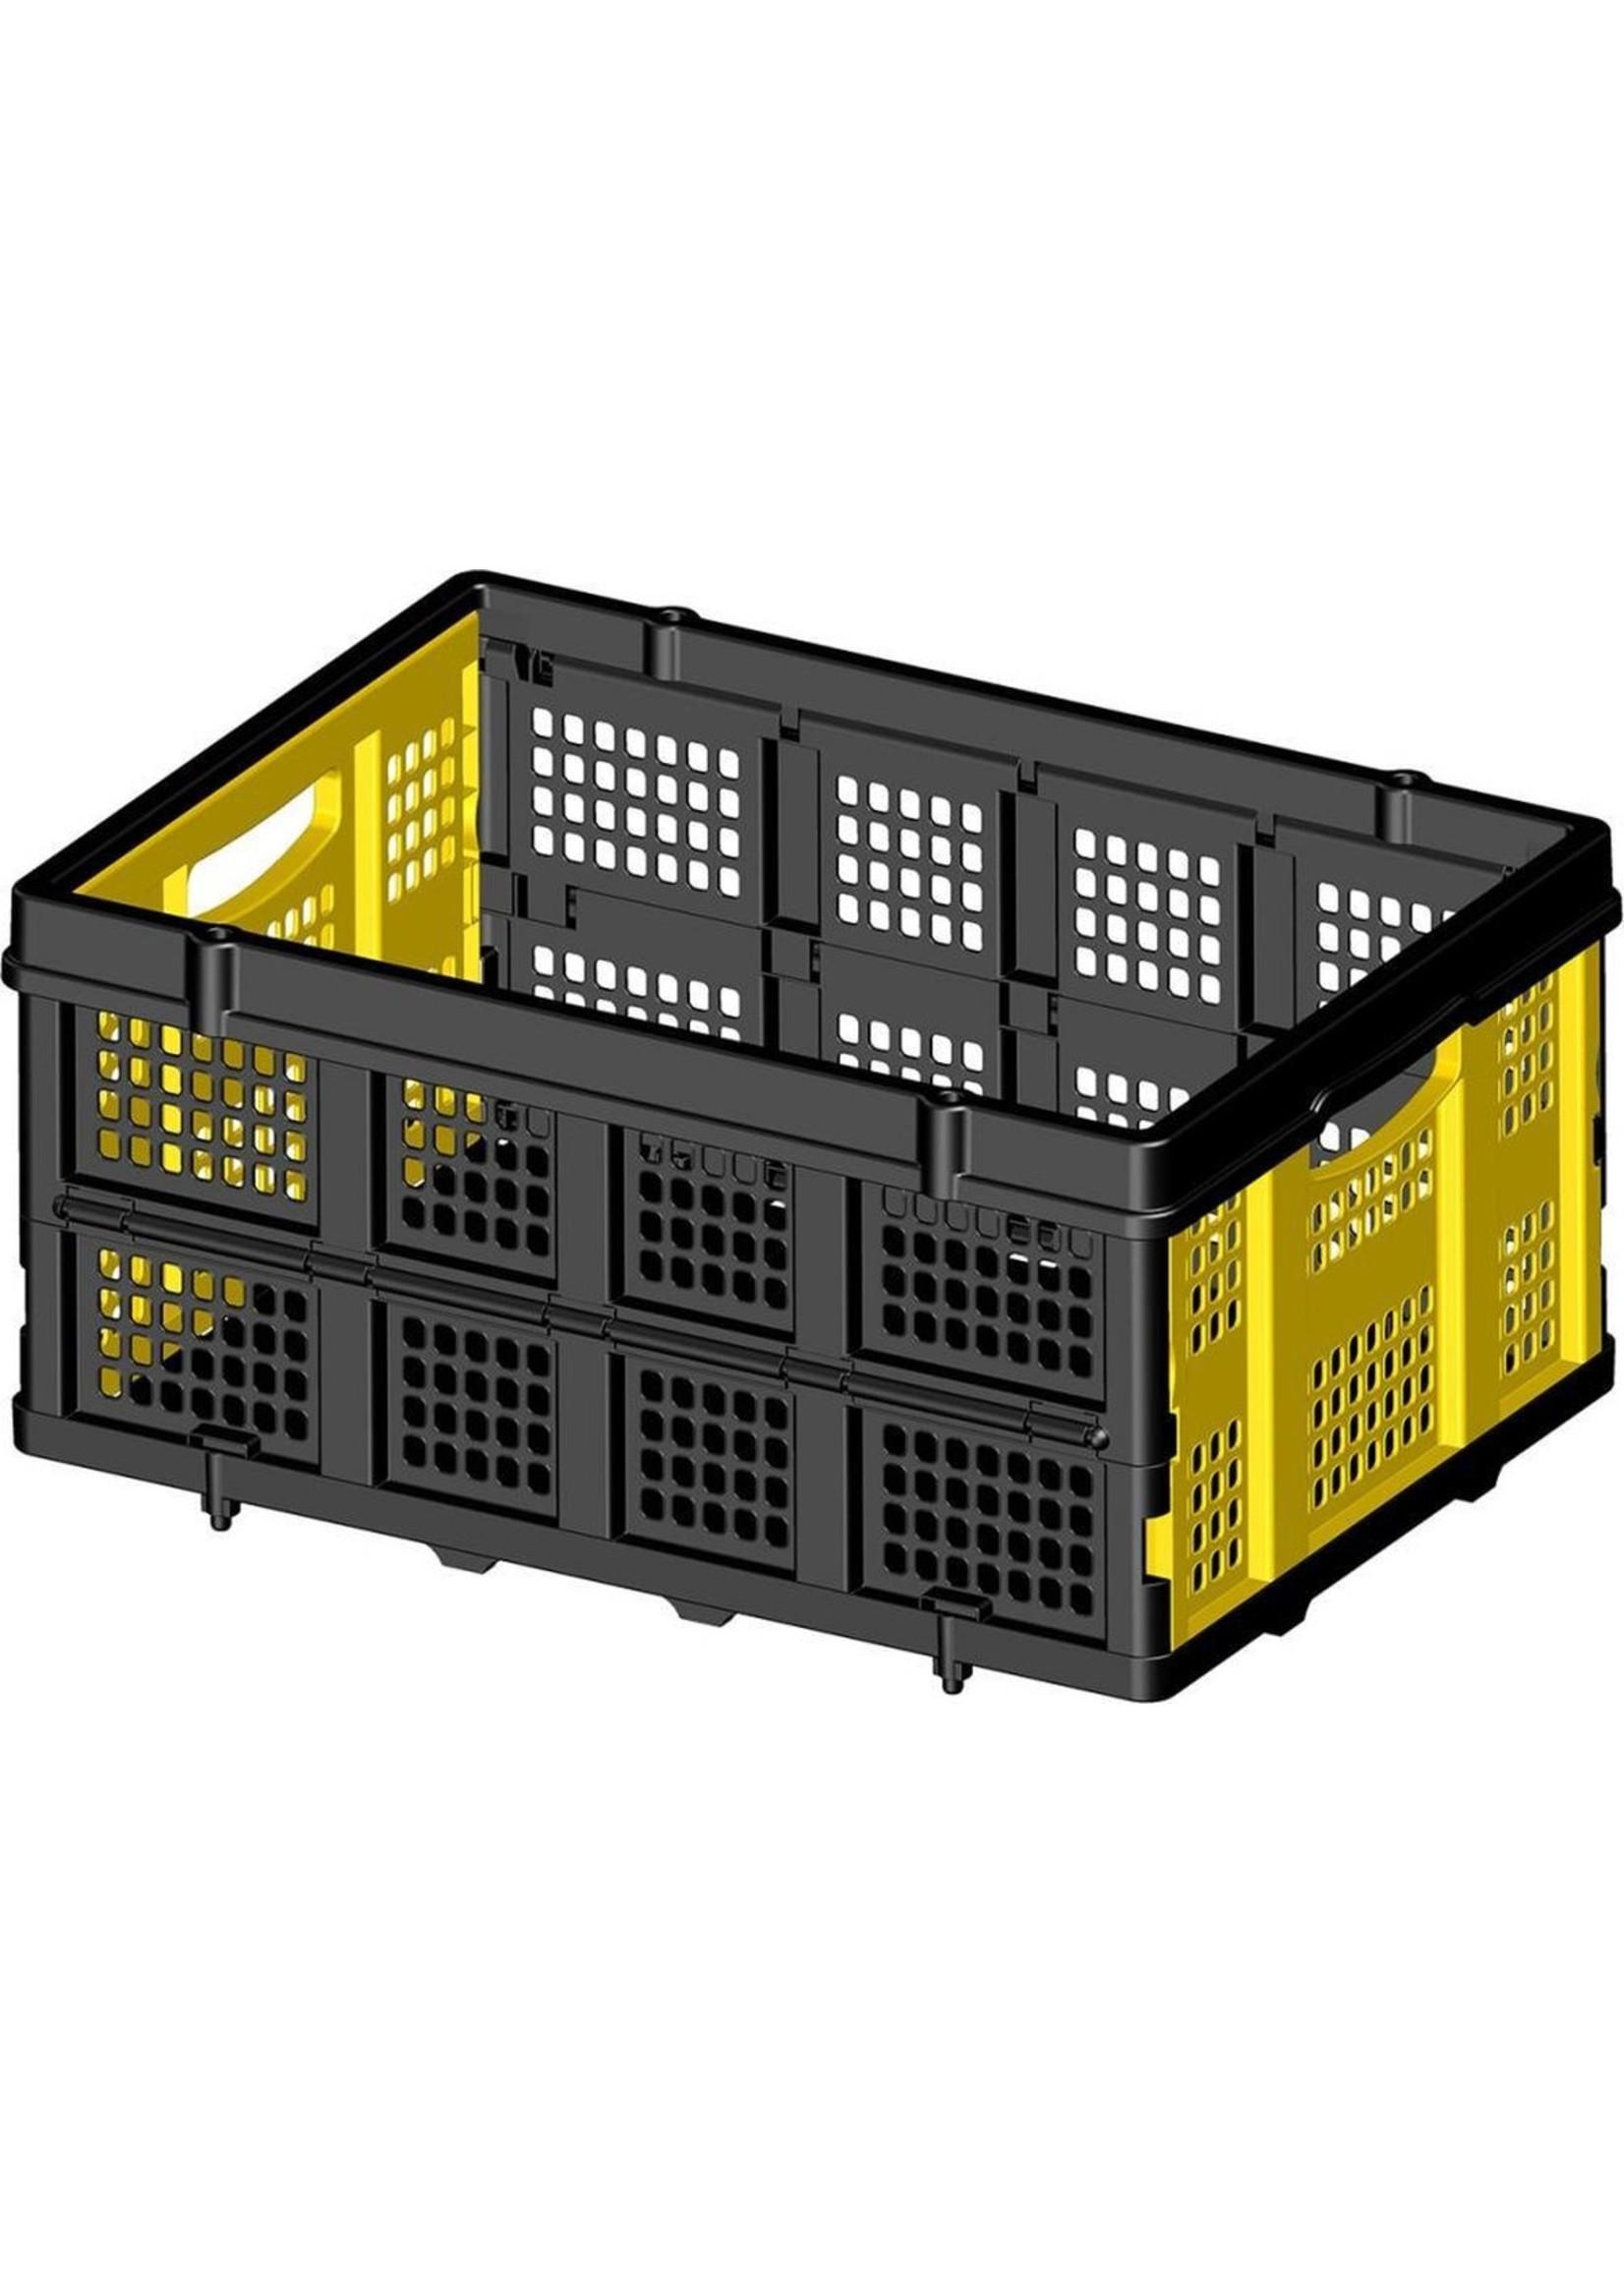 Stanley Stanley vouwkrat FT505 zwart/geel